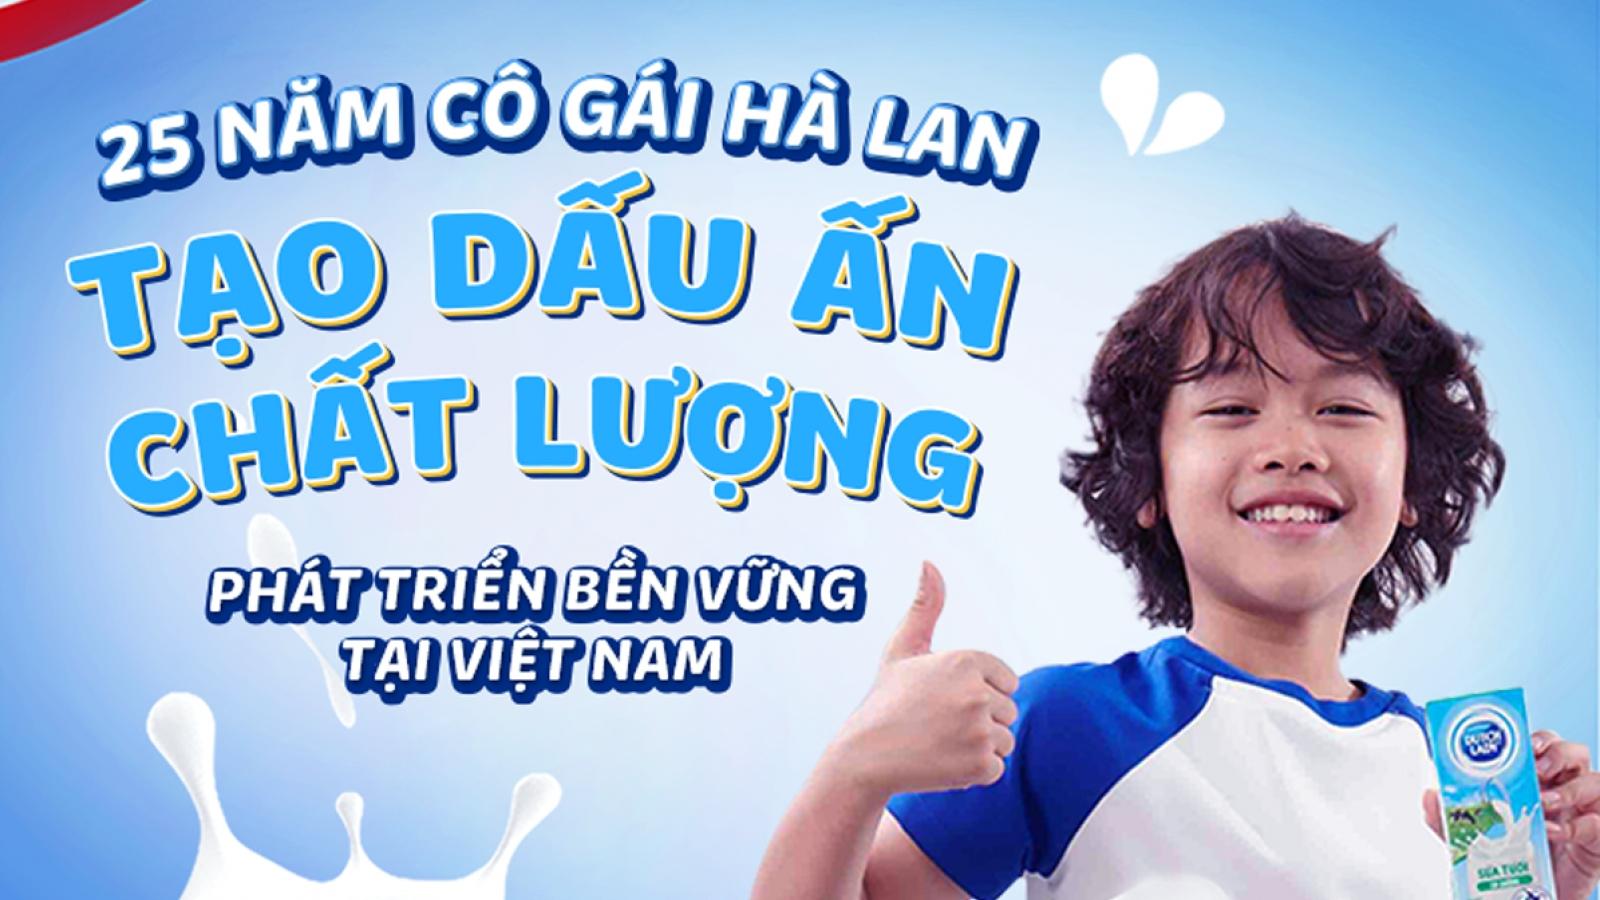 25 năm Cô Gái Hà Lan tạo dấu ấn chất lượng, phát triển bền vững tại Việt Nam